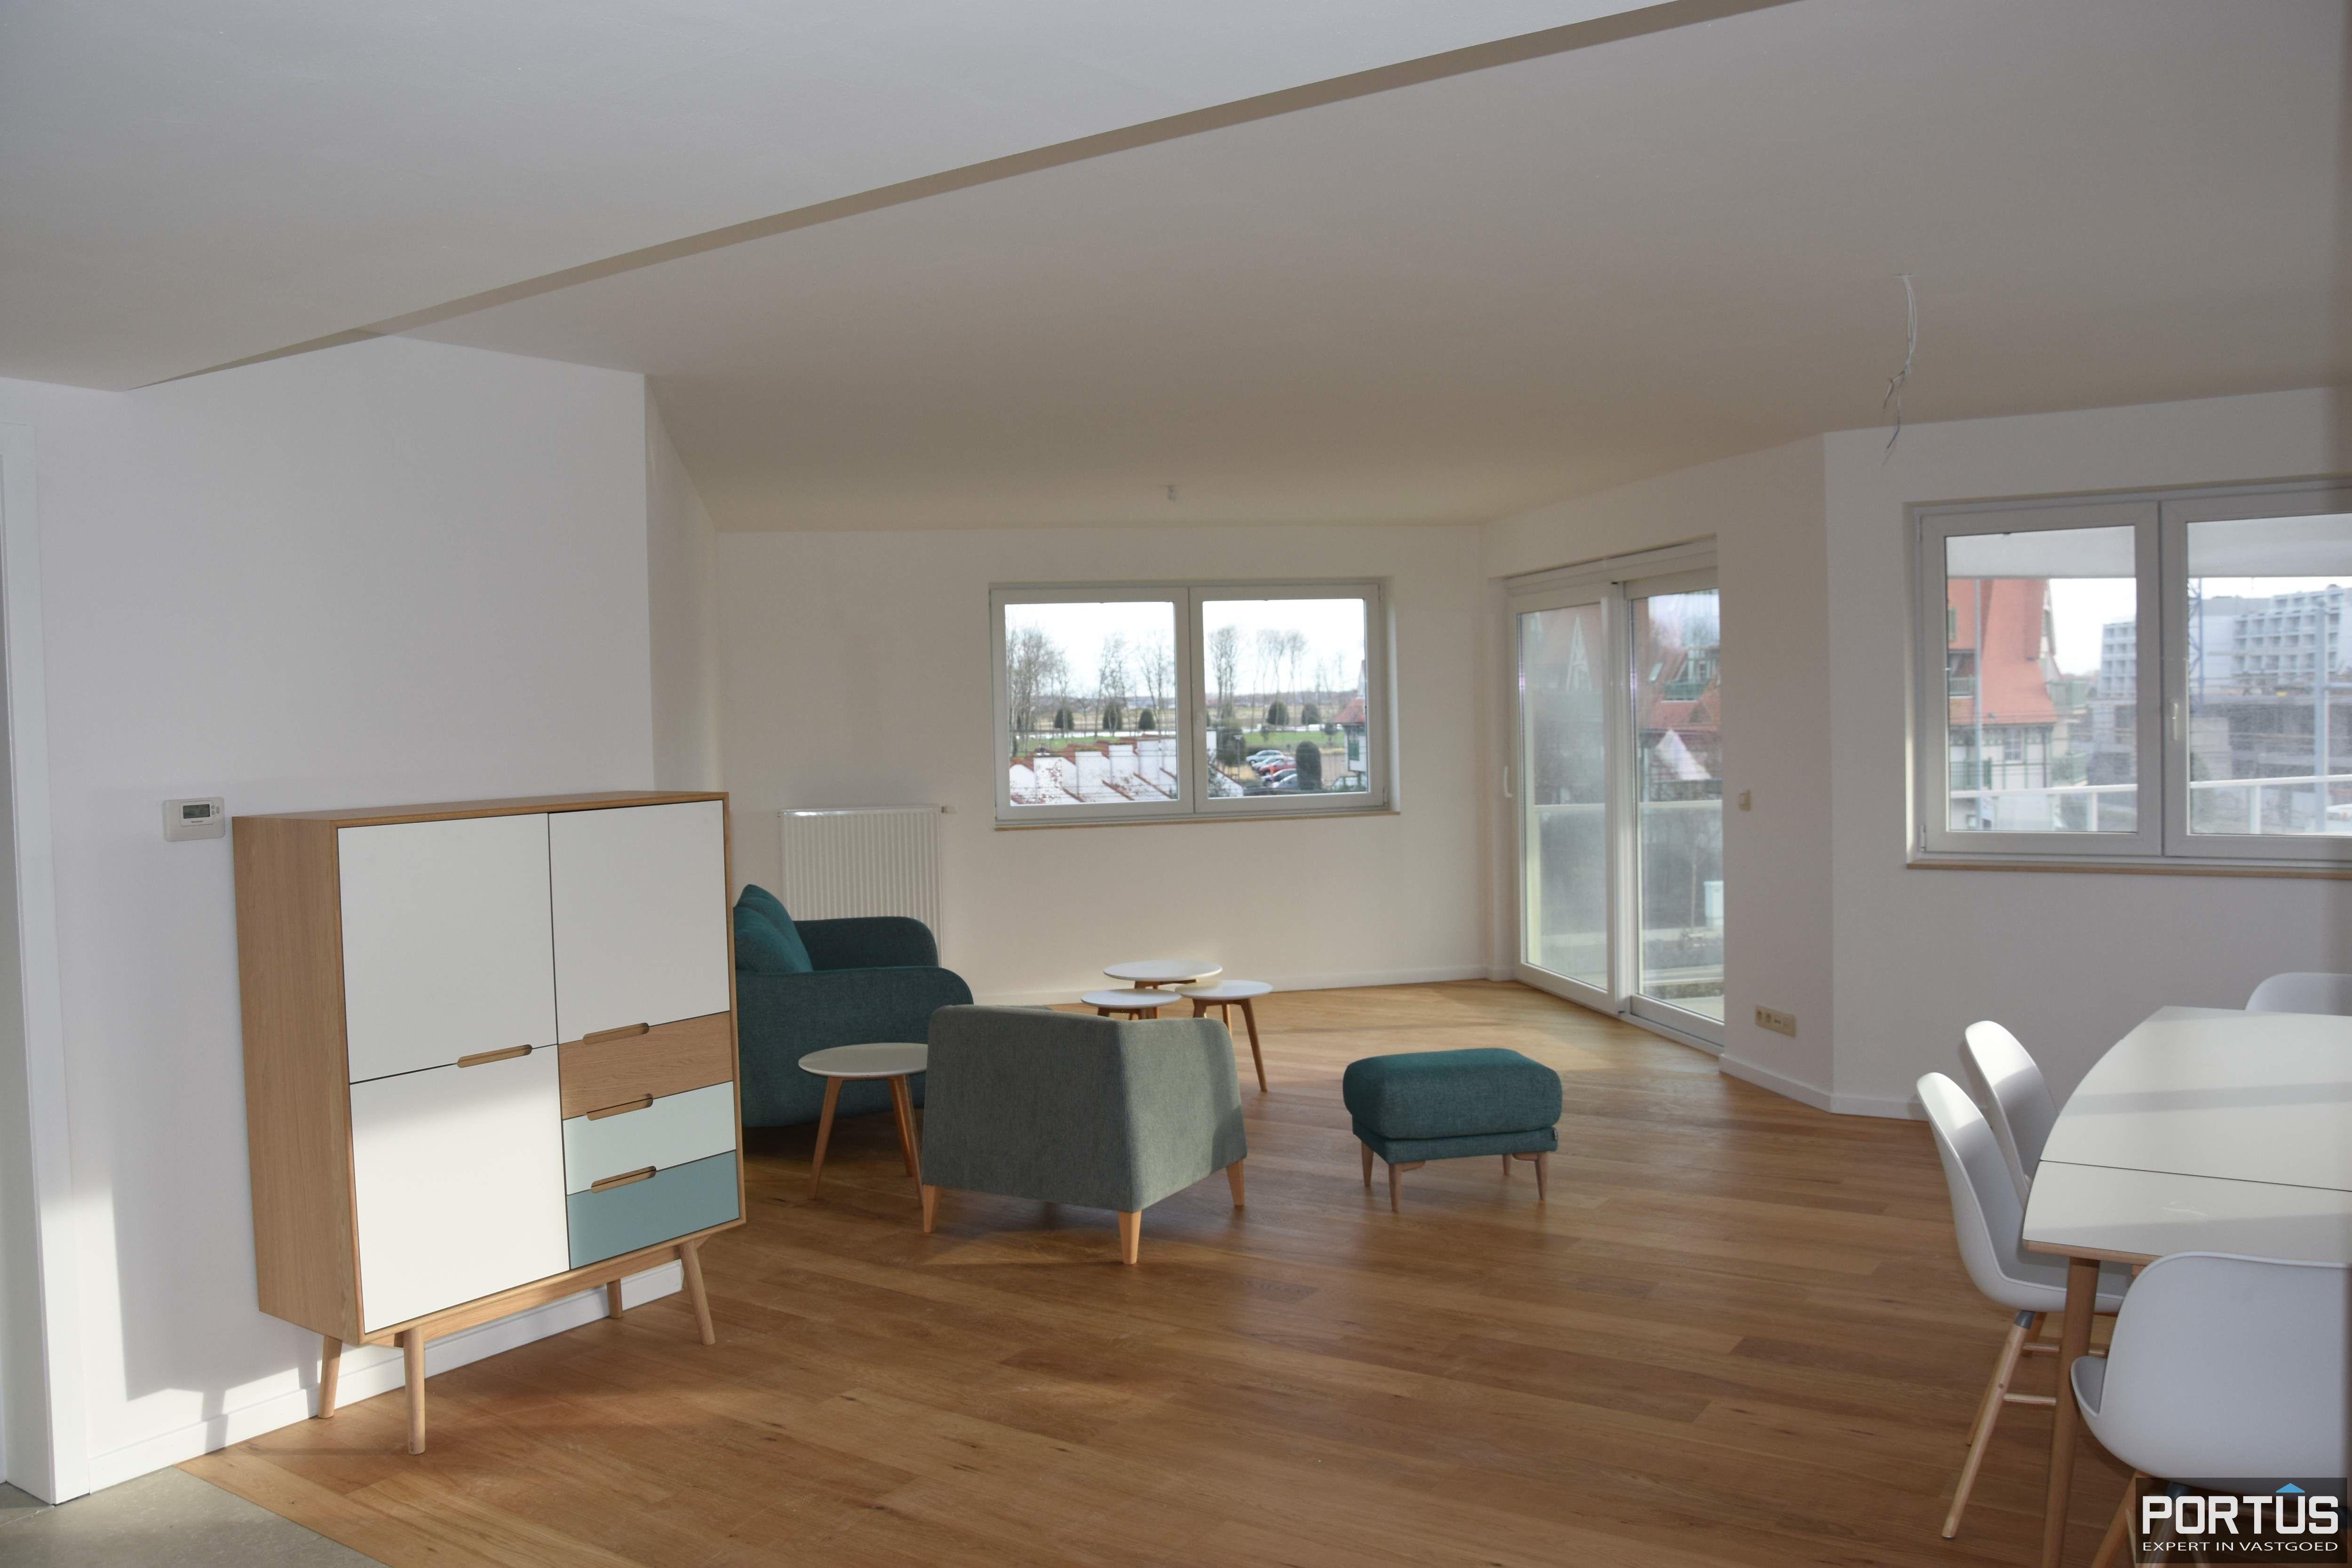 Appartement Residentie Villa Crombez Nieuwpoort - 12191